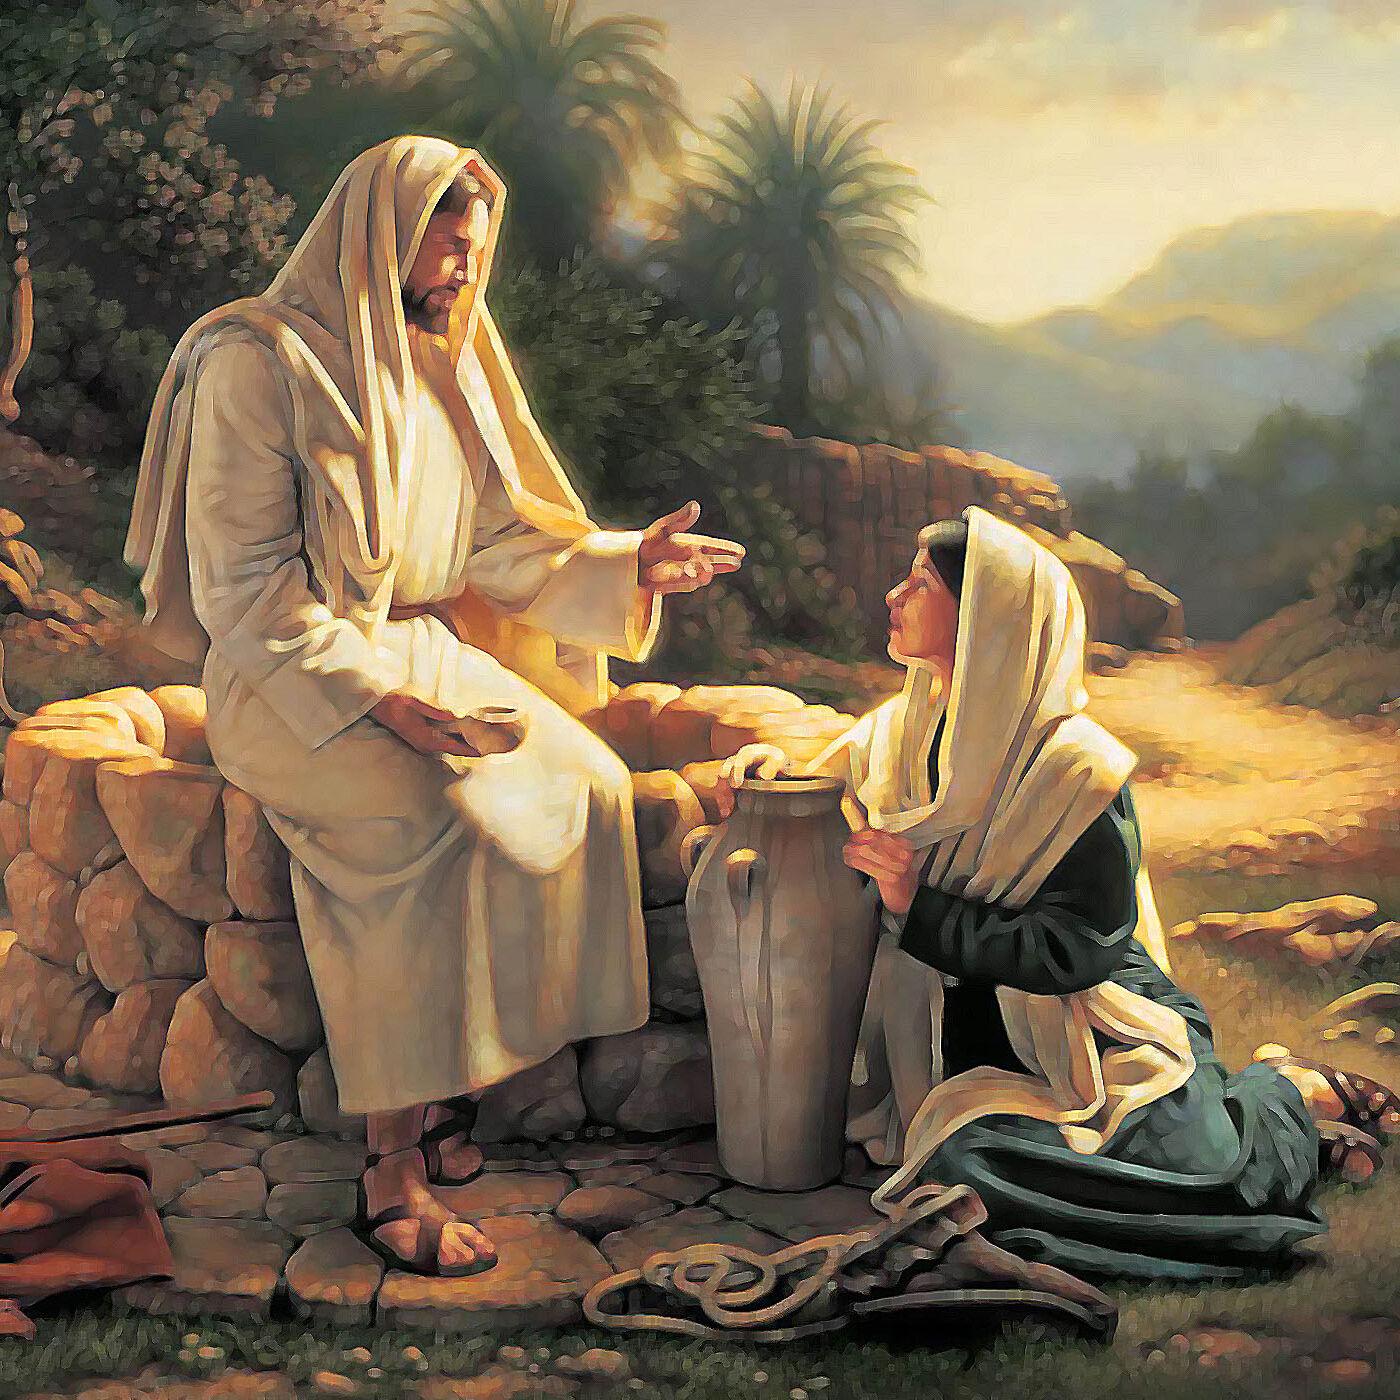 riflessioni sul Vangelo di Venerdì 6 Settembre 2019 (Lc 5, 33-39)